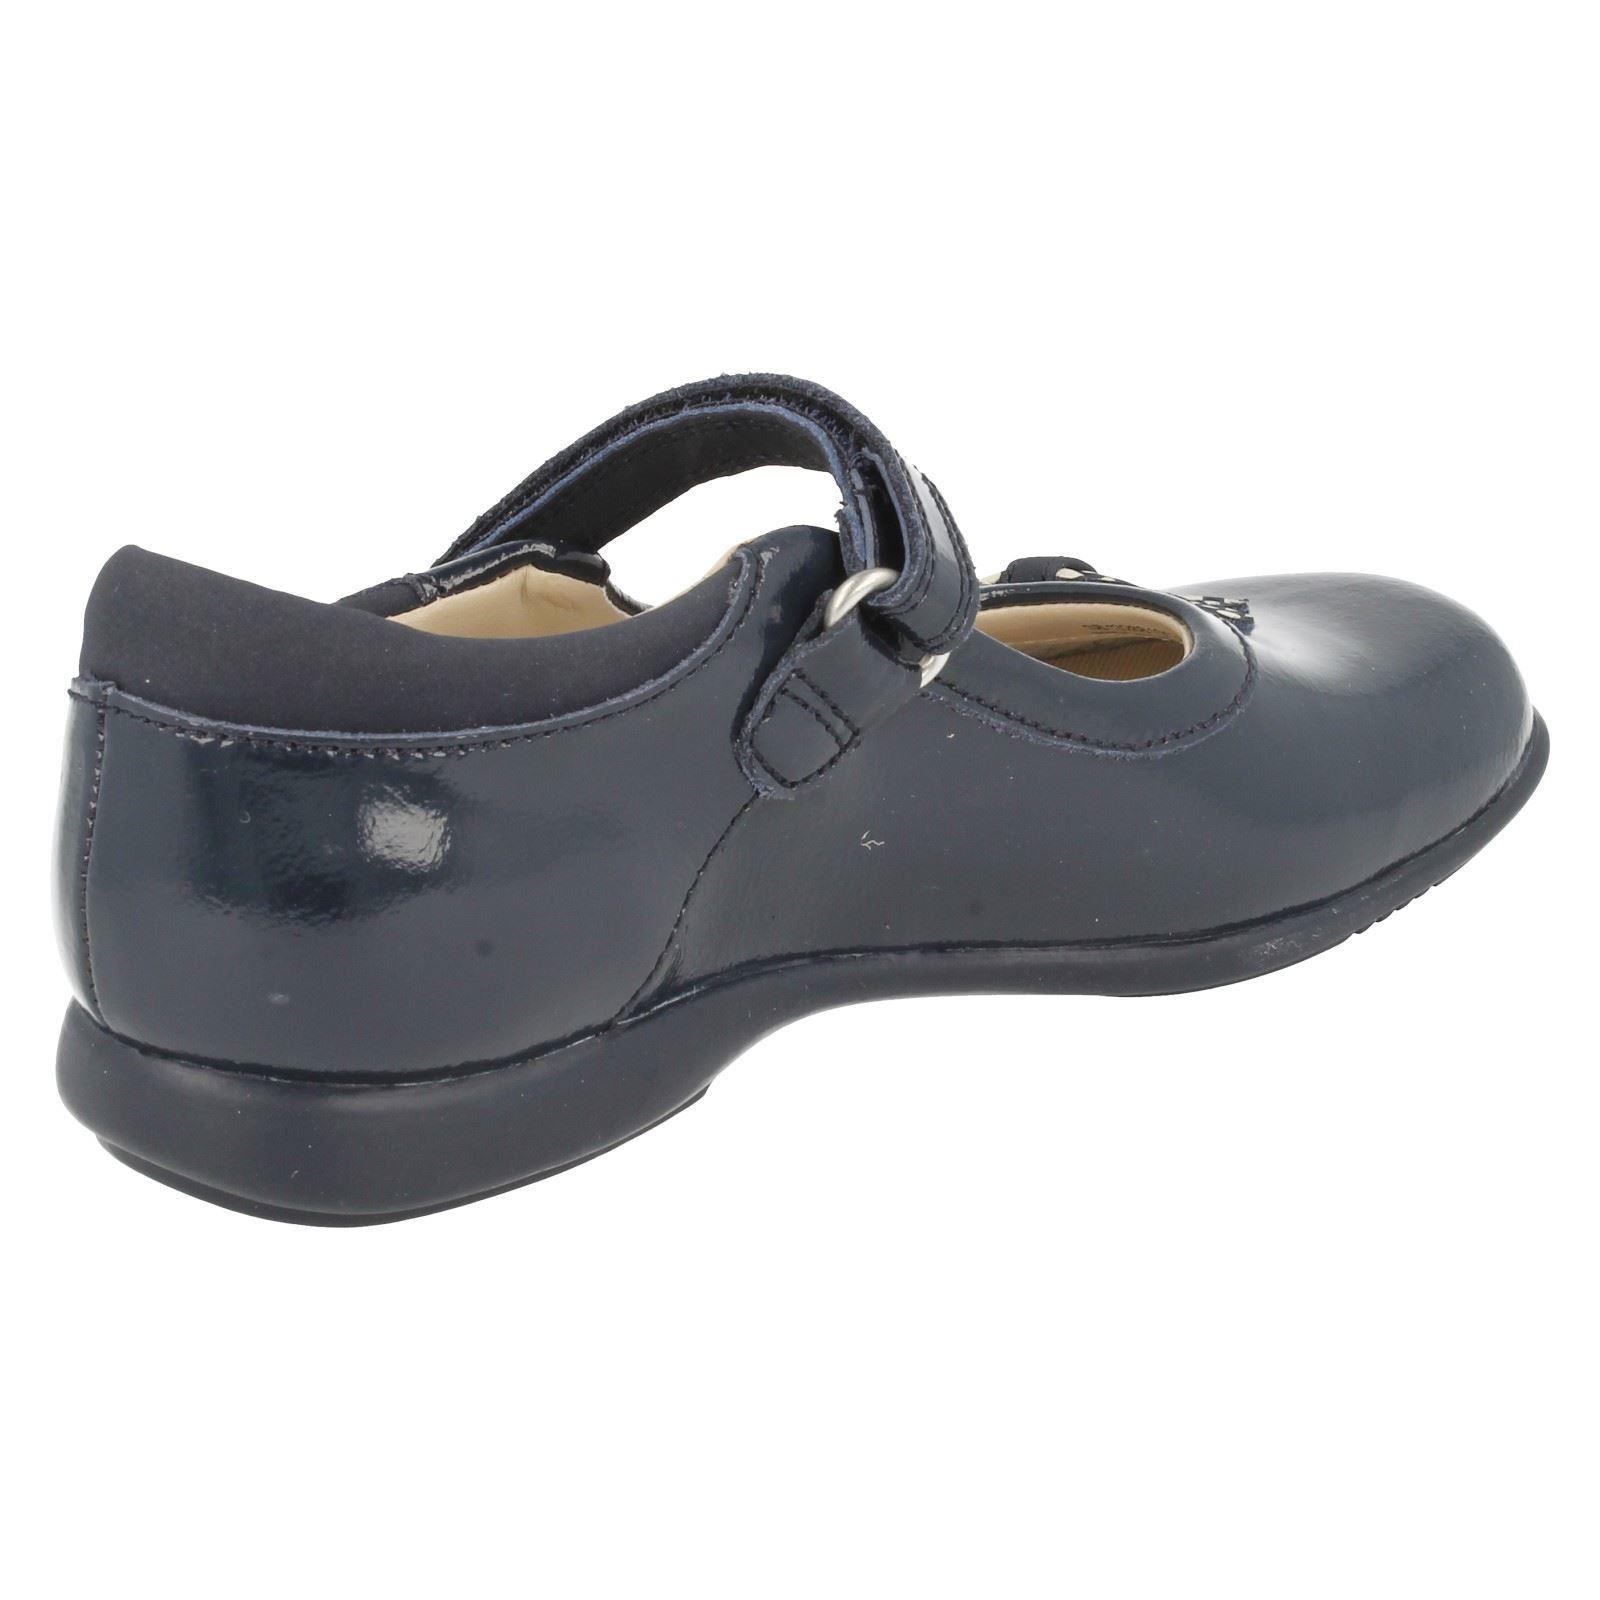 'Mädchen Clarks' Freizeit Schuhe mit blinkende Lichter Trixi Blenden